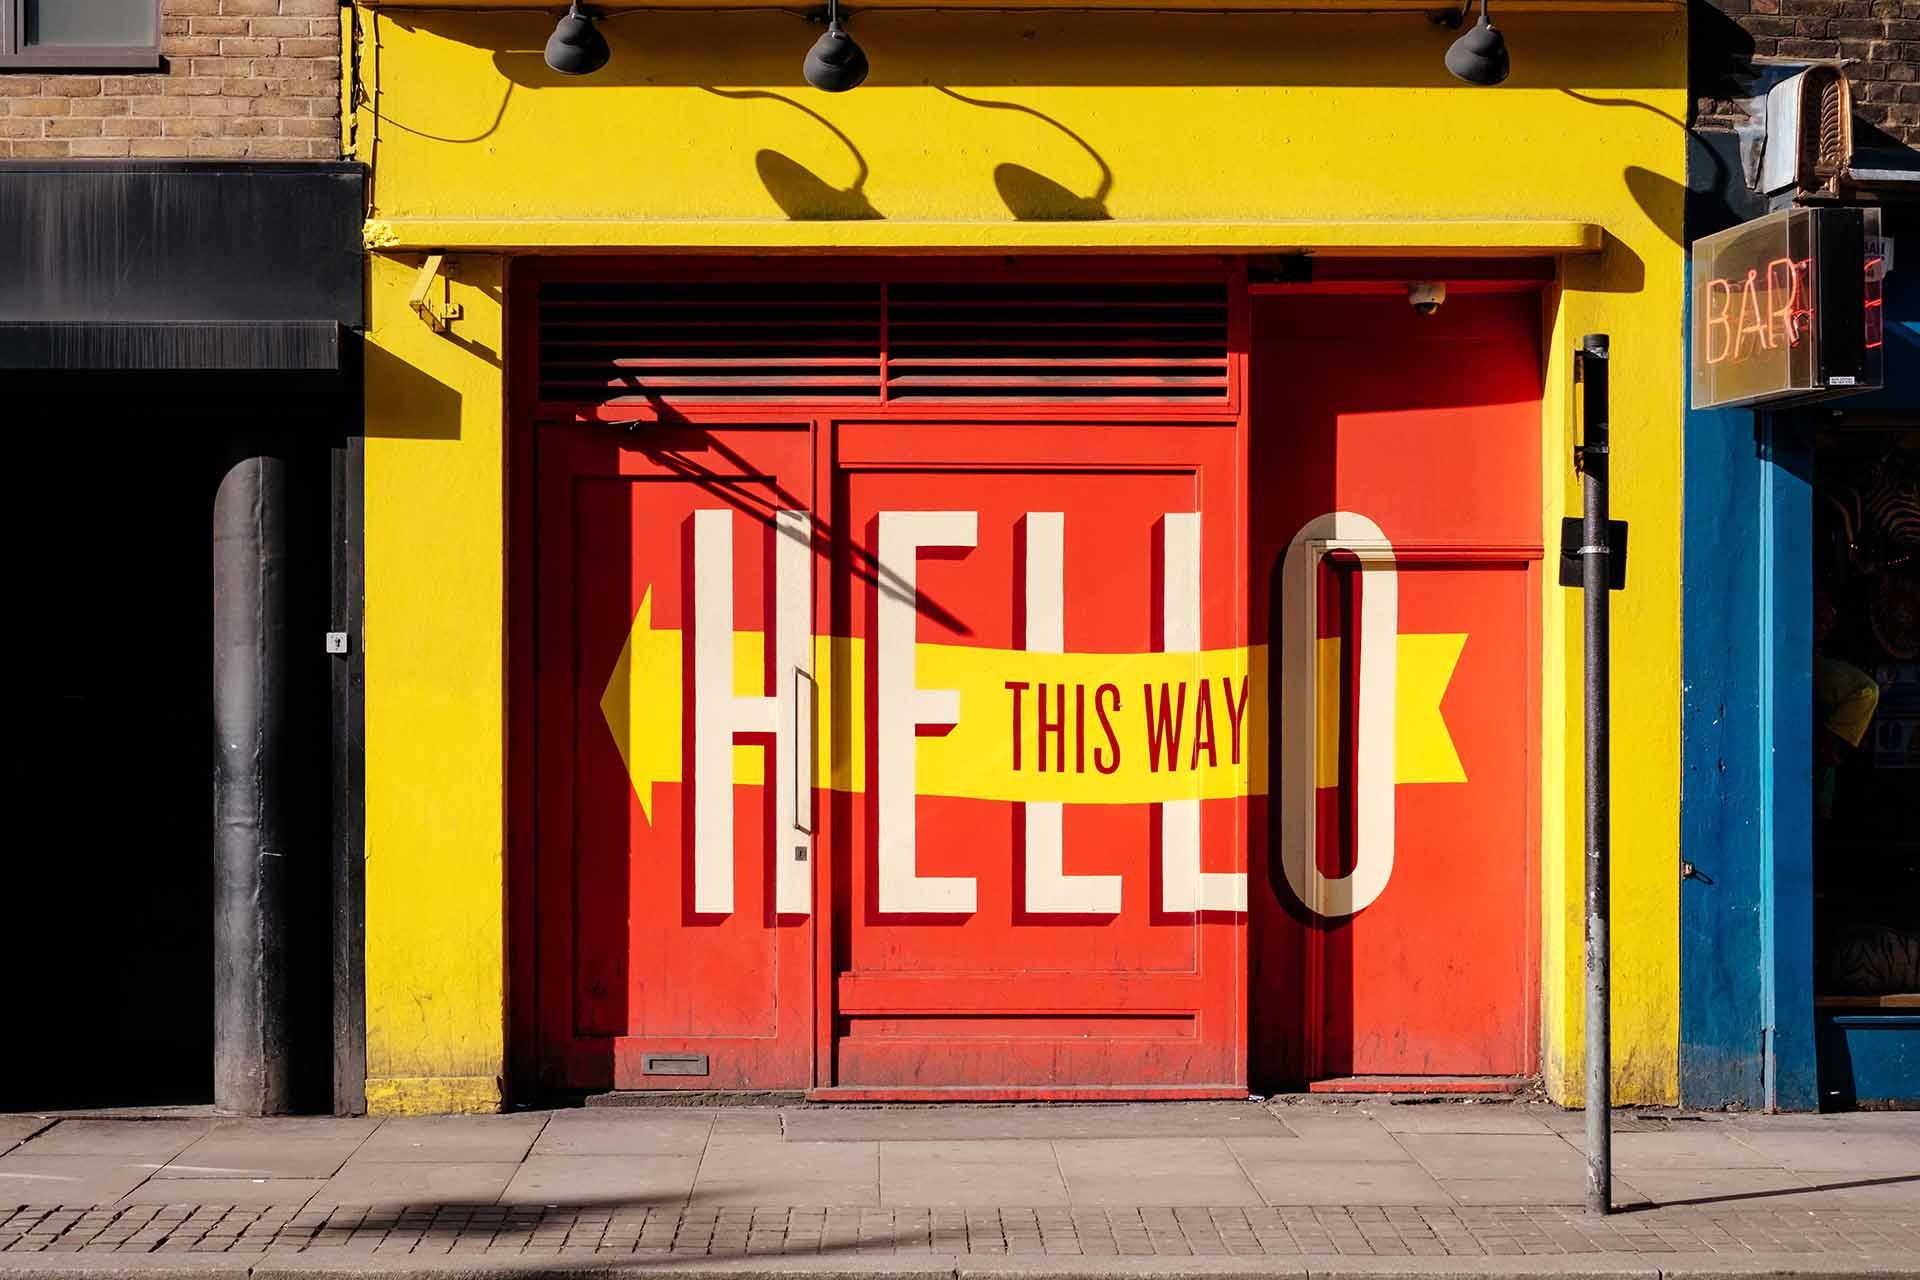 t2informatik Blog: Projektmarketing – Tue Gutes und sprich darüber